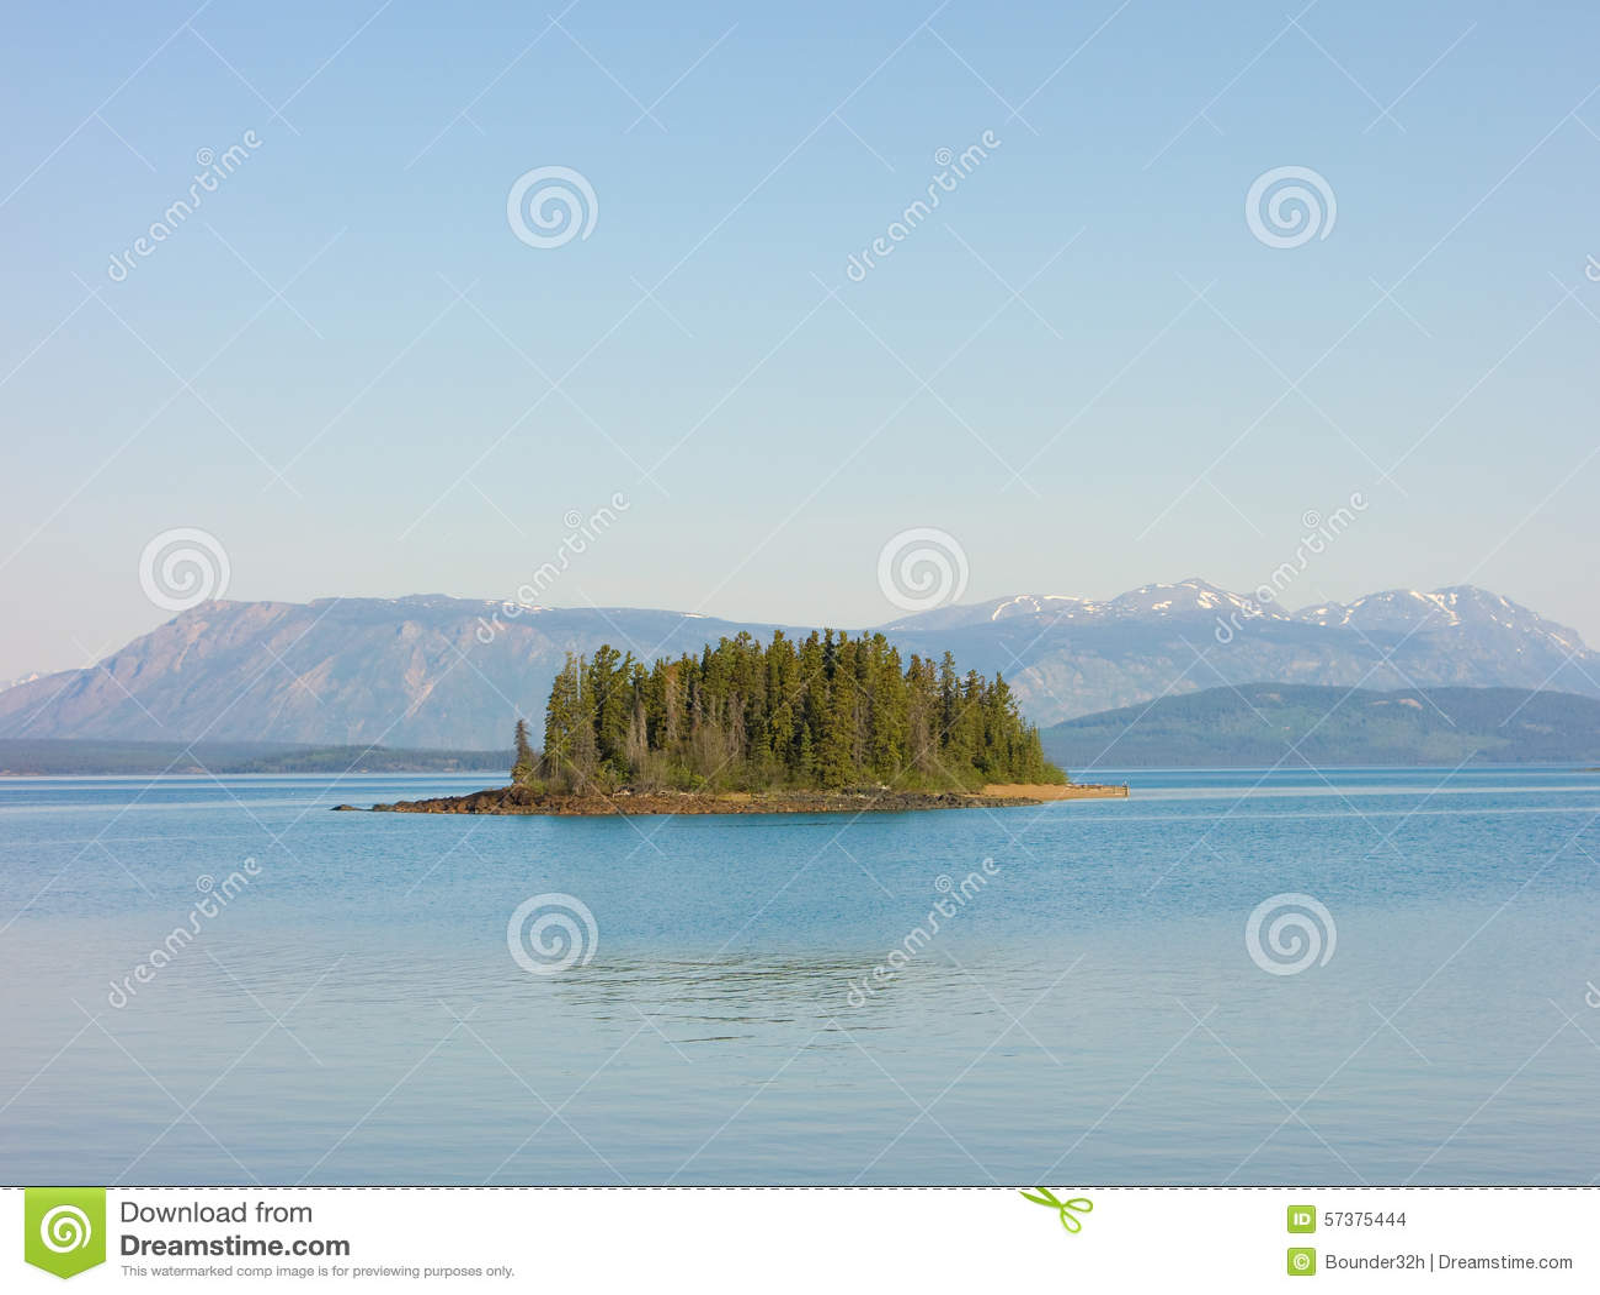 Een klein eiland op een zoetwatermeer in norther BC